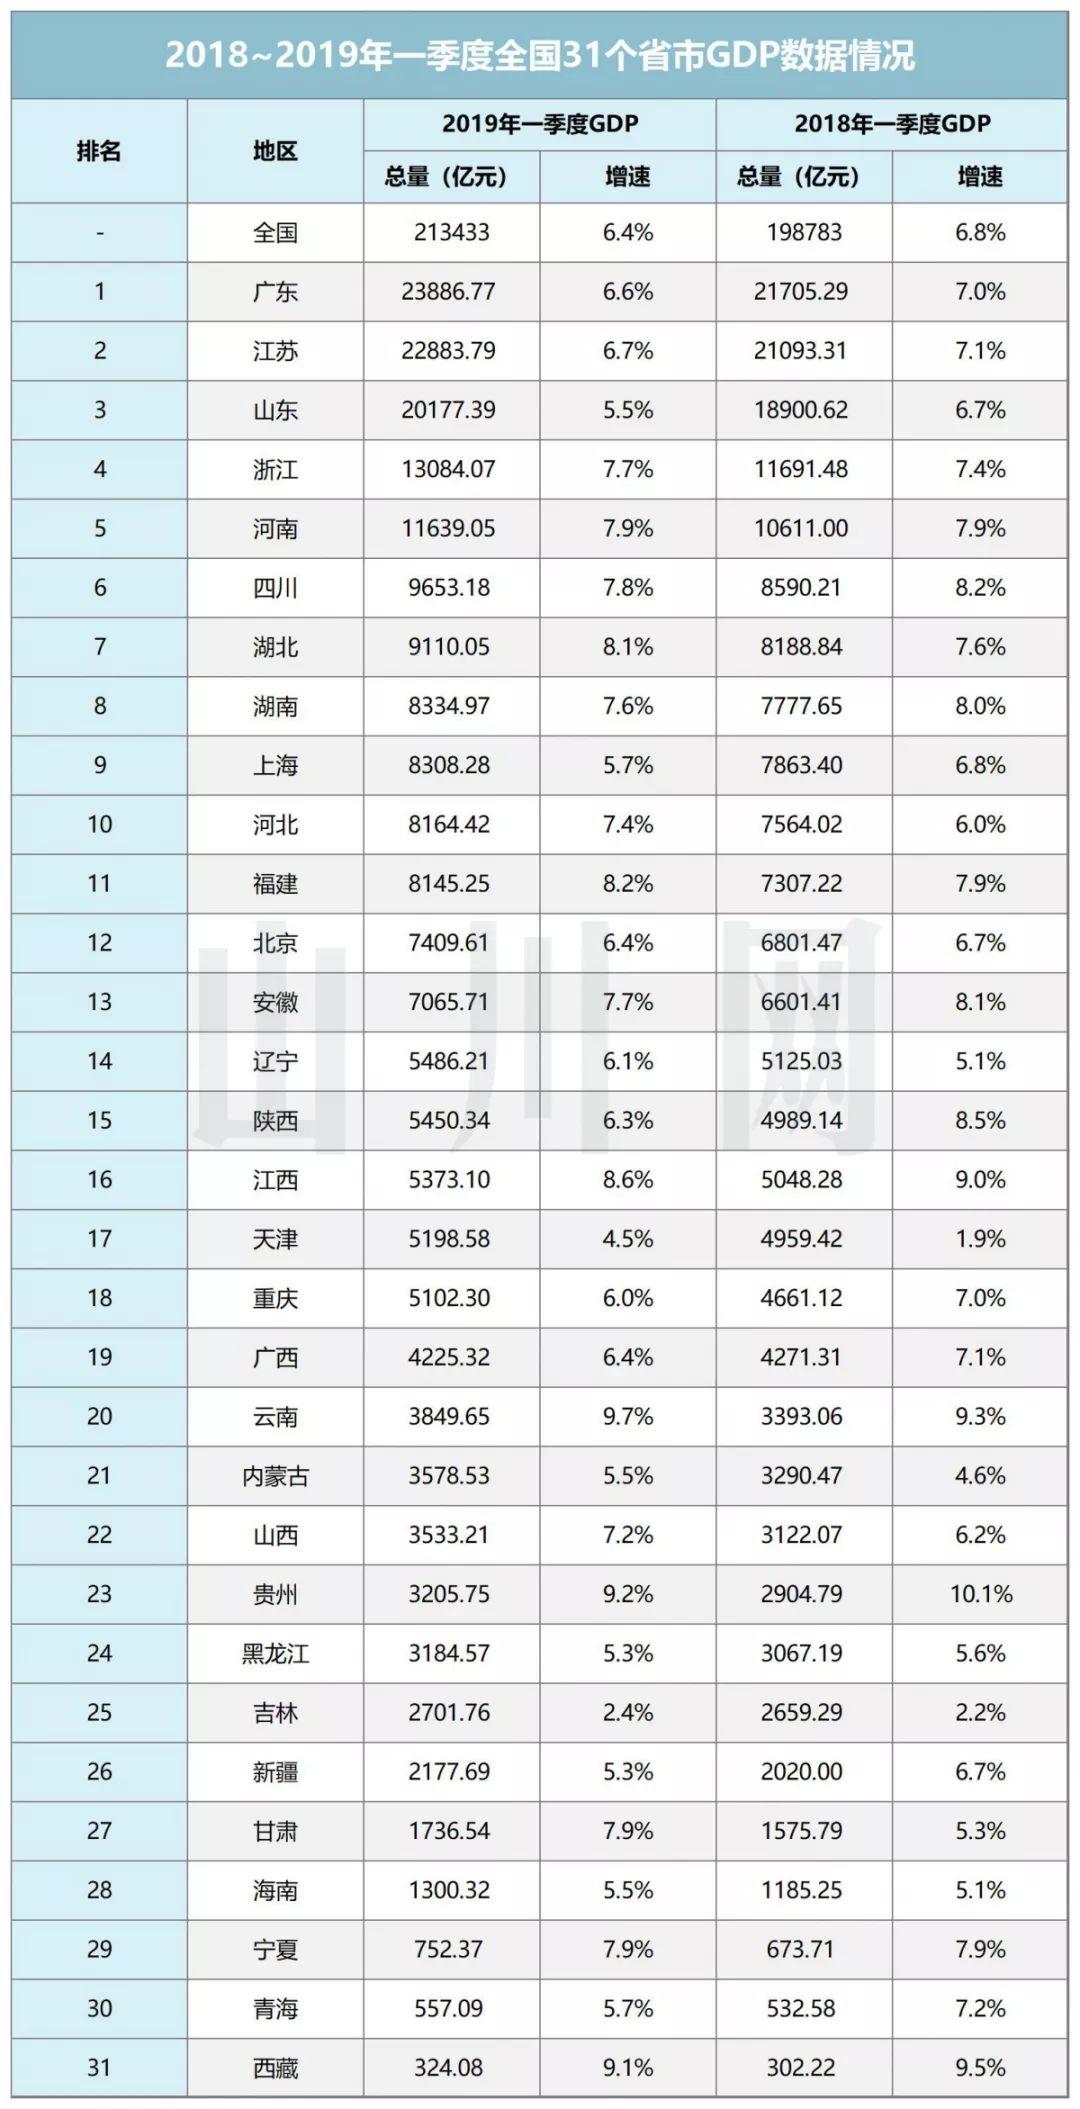 2019年经济总量超过_2015中国年经济总量